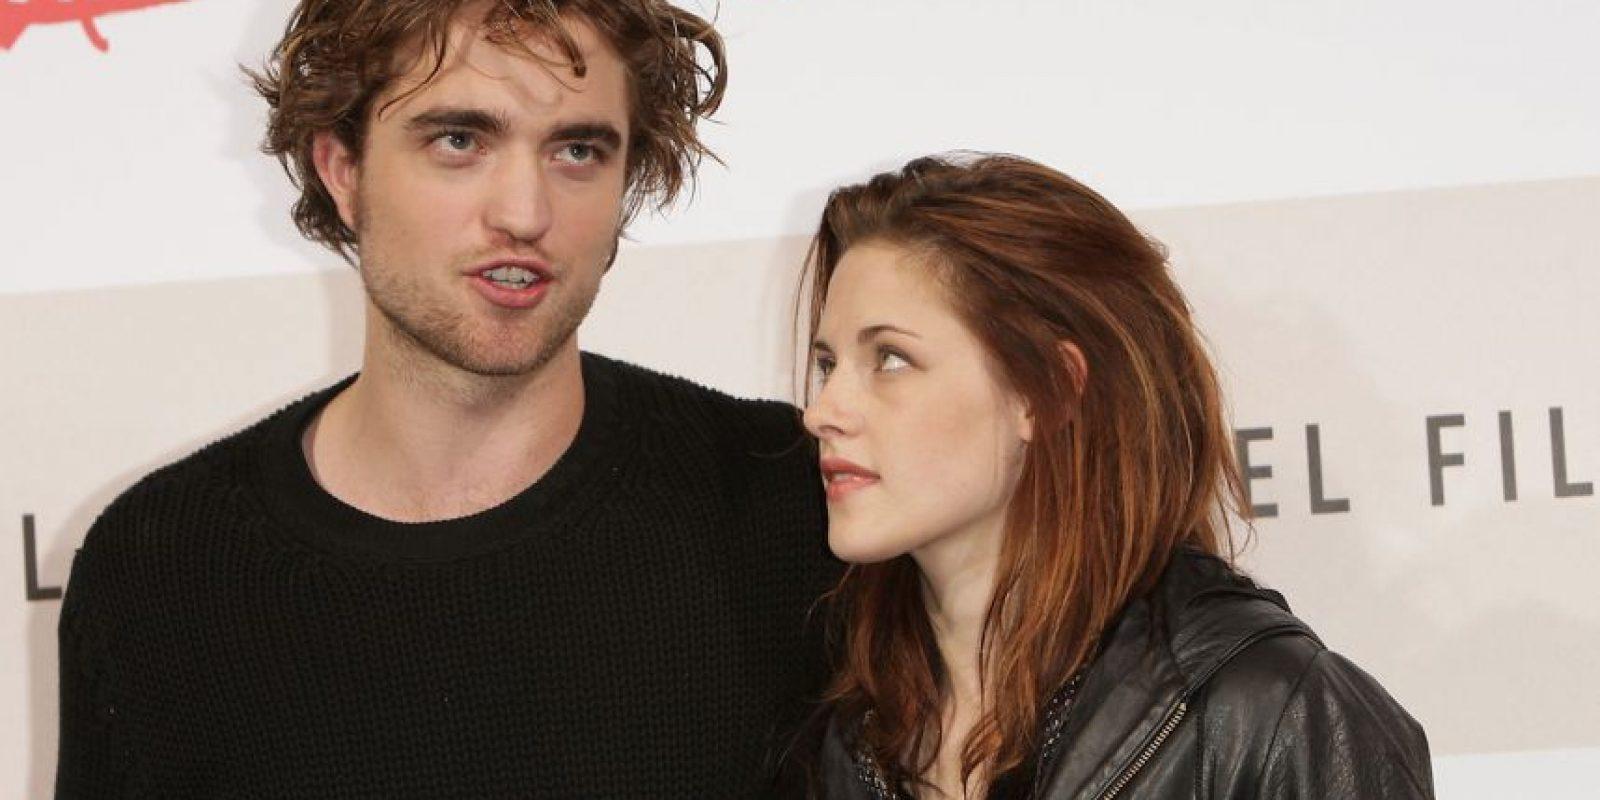 """Durante la premier del filme """"The Twilight Saga: Breaking Dawn – Part 2"""", una fanática amenazó de muerte a Kristen, que desfilaba por la alfombra roja. Foto:Getty Images"""